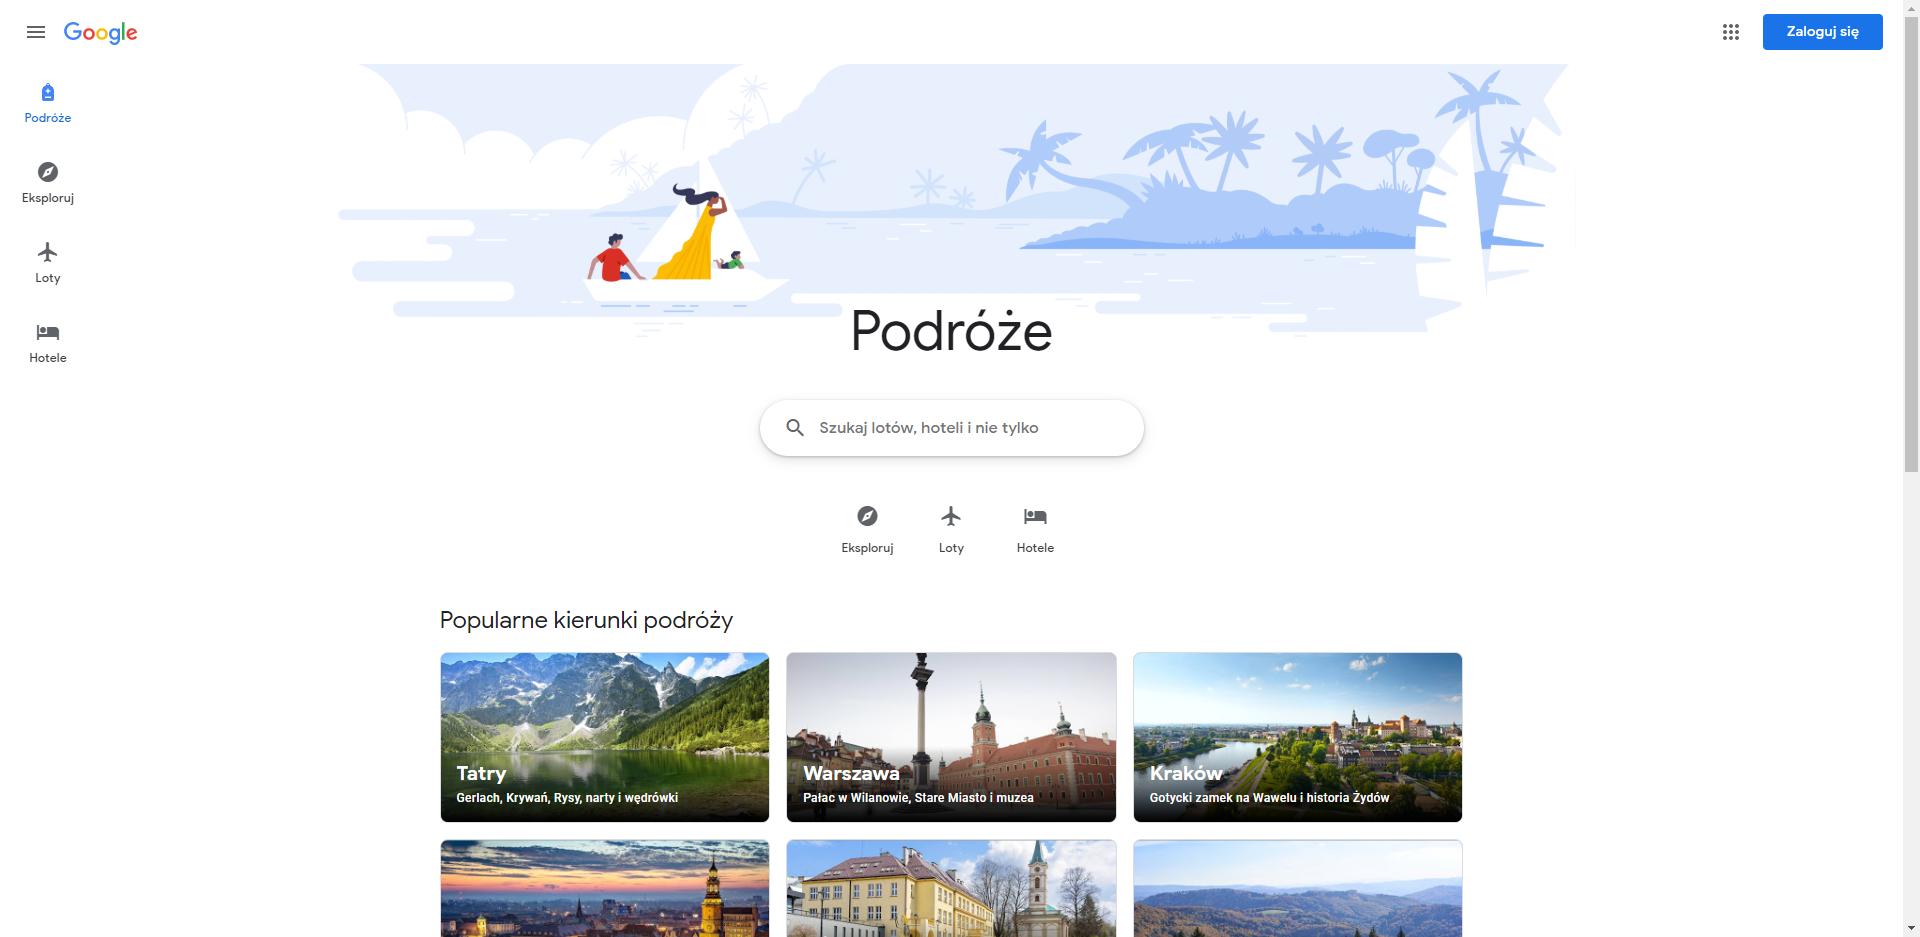 Google Podróże otrzymały sporą aktualizację. Planowanie wycieczek ma być teraz jeszcze prostsze 17